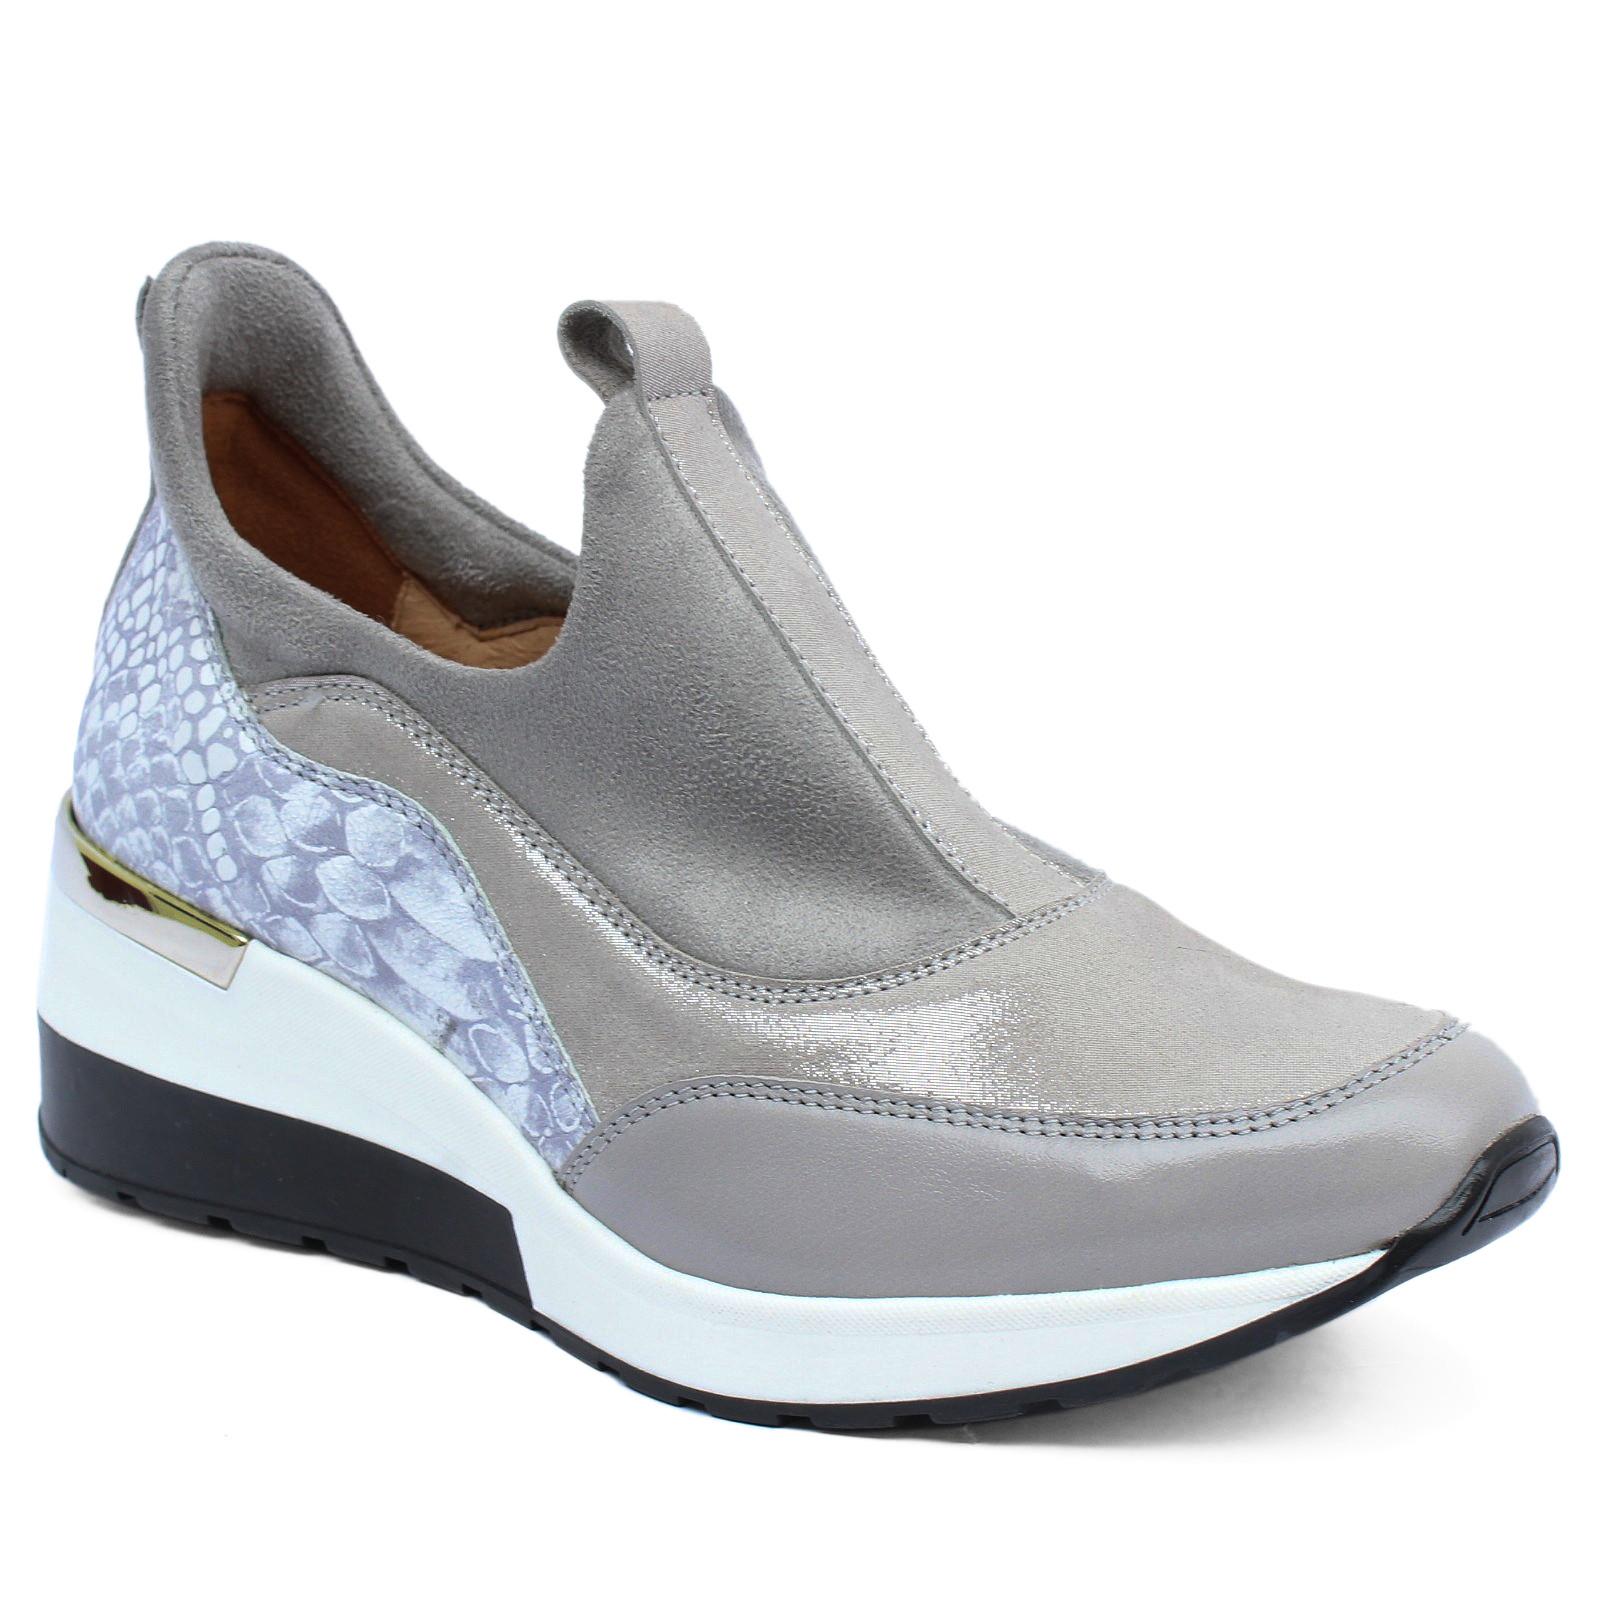 Khaki Modell Női Cipők A Királynője Telitalpú Minőség